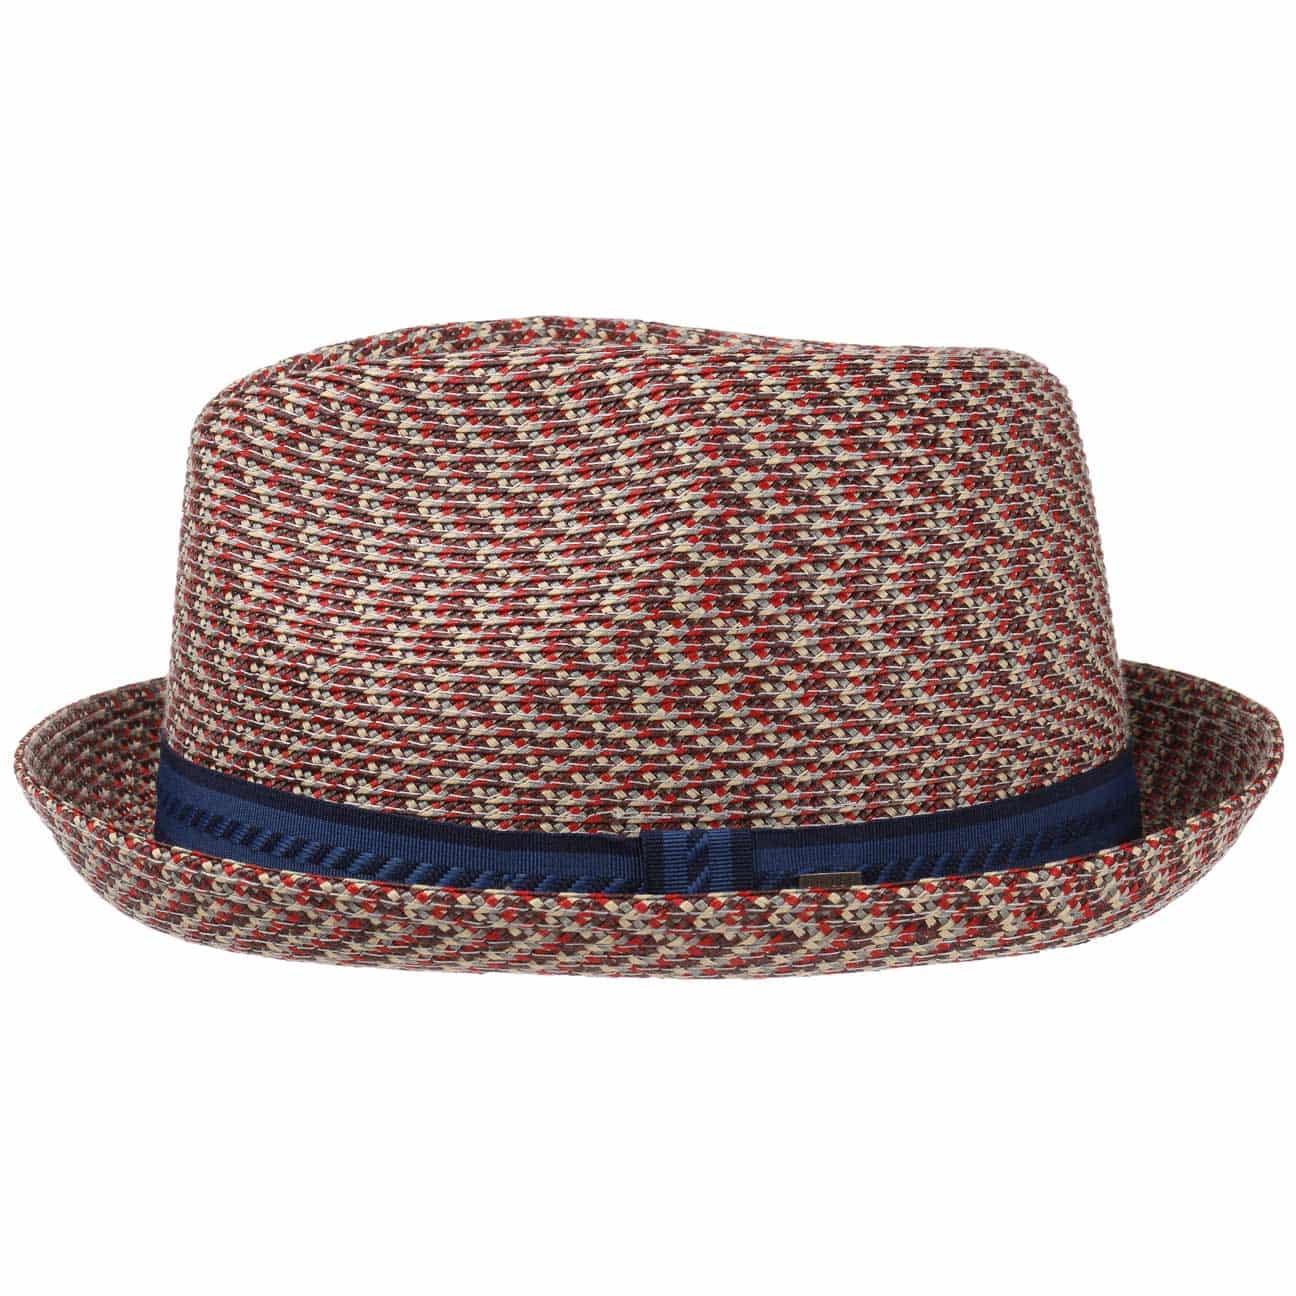 Sombrero Mannes by Bailey of Hollywood  sombrero de paja